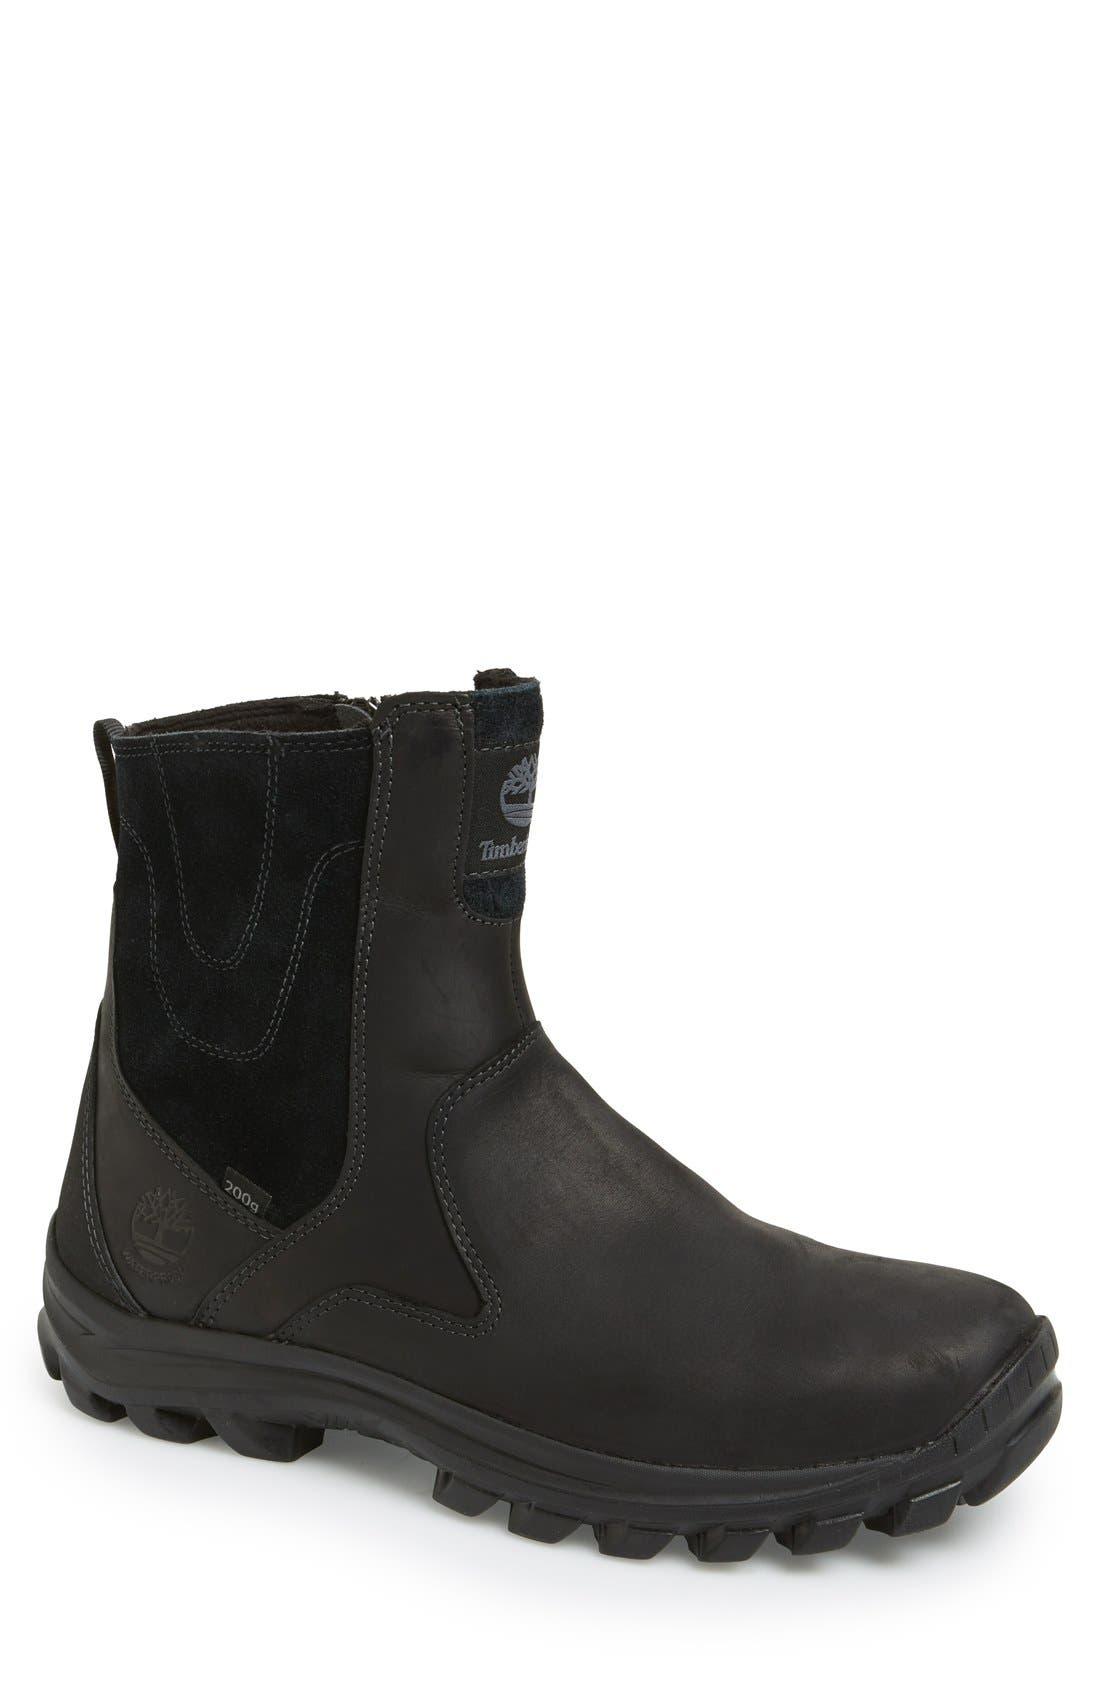 Timberland 'Chillberg'Waterproof Boot (Men)